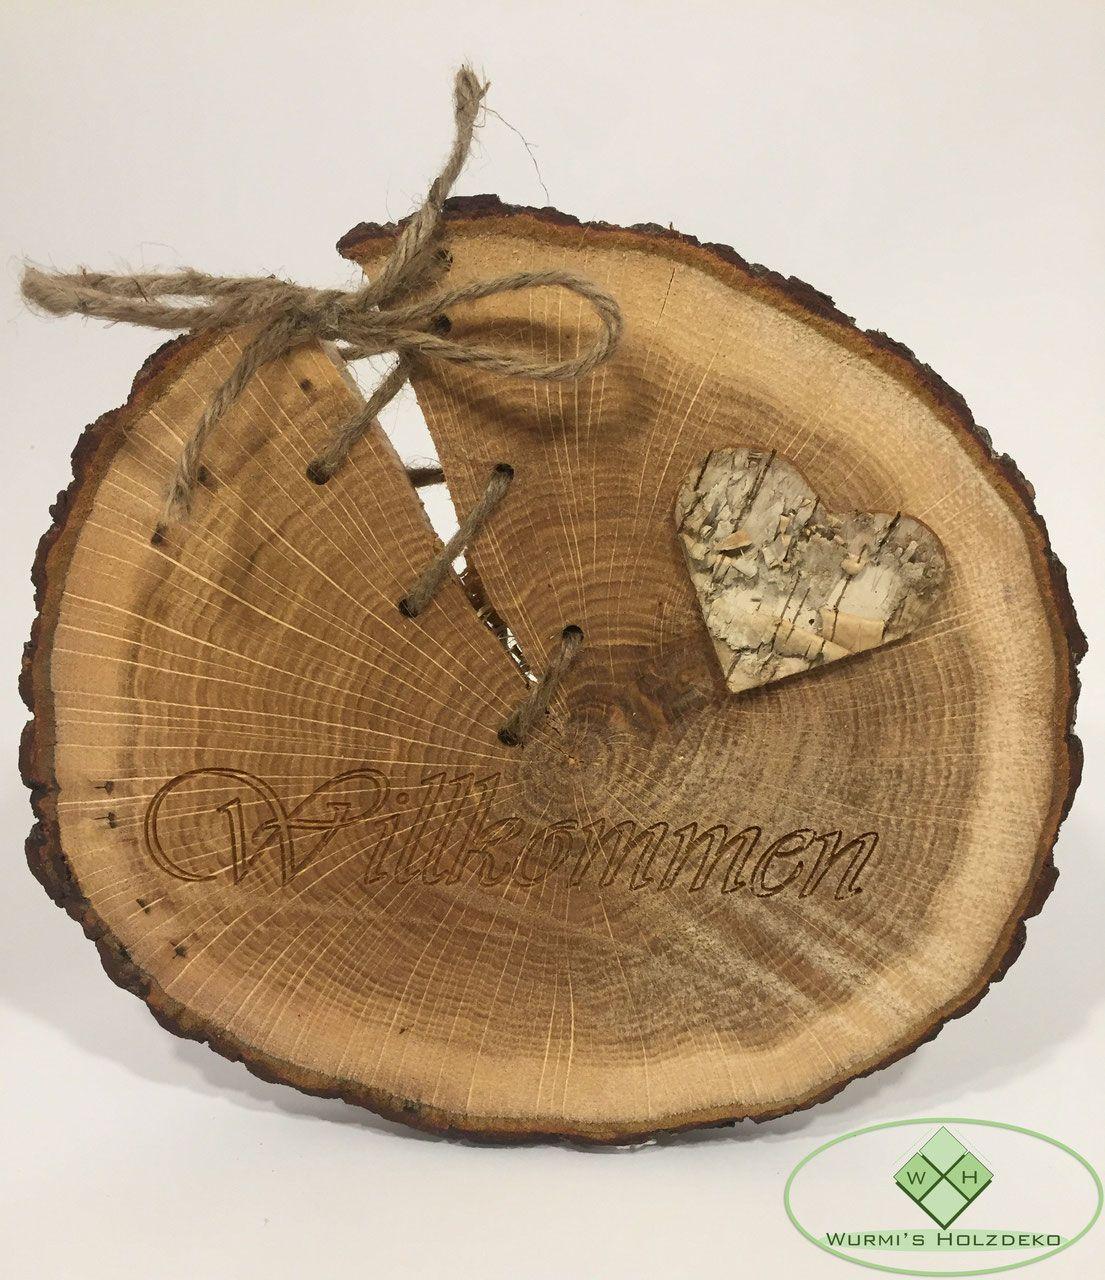 Baumscheiben Deko Artikel Wunderschone Produkte Aus Baumscheiben